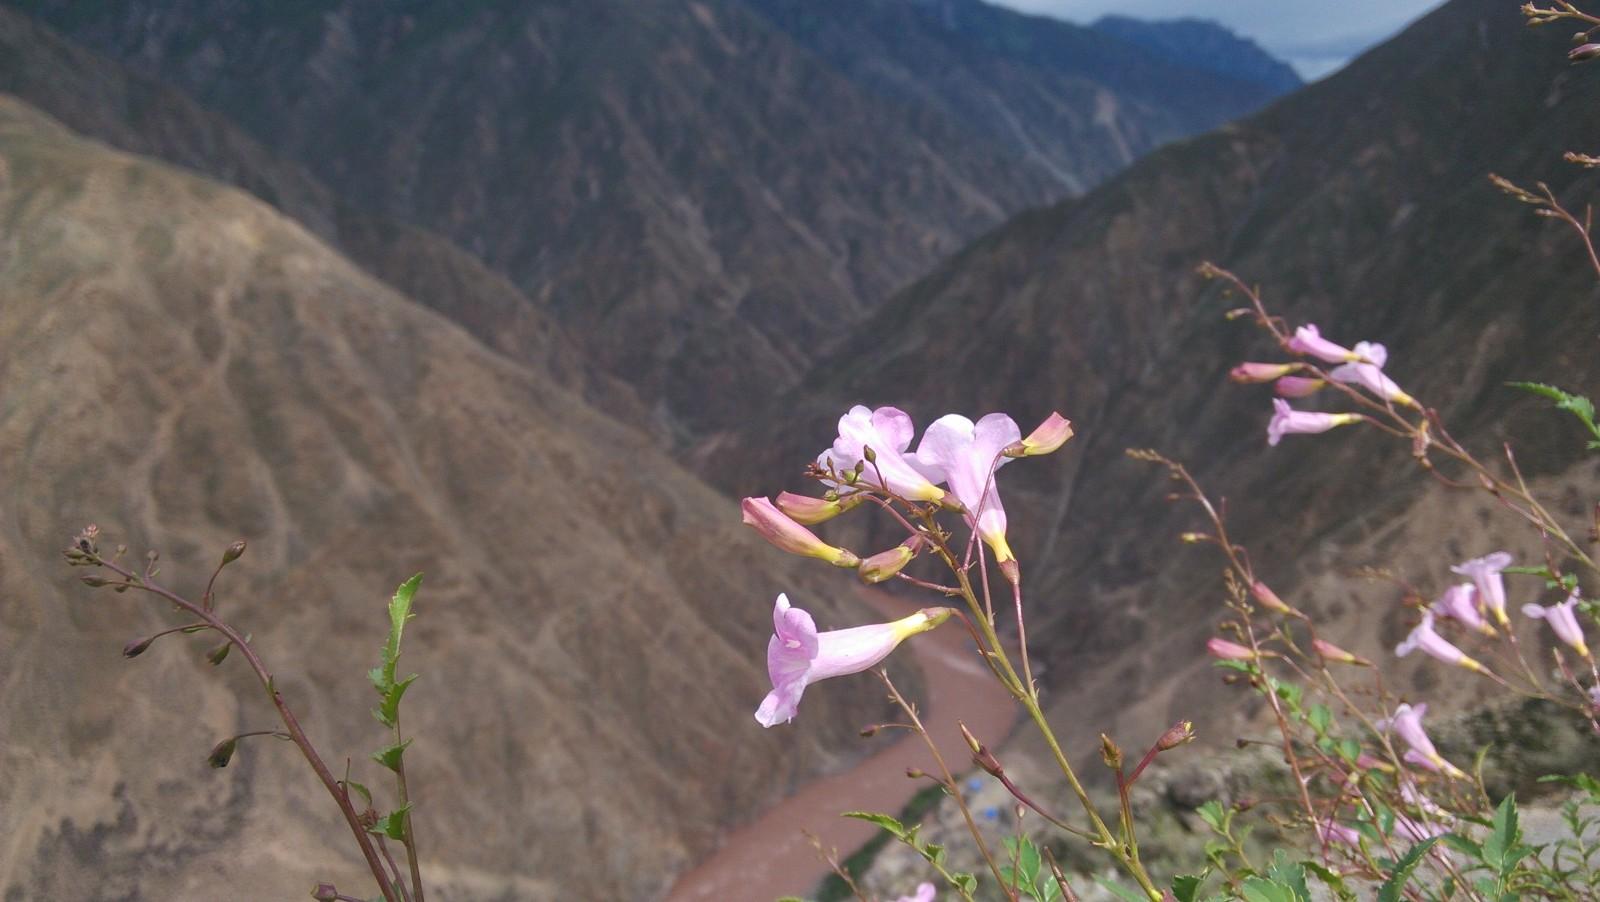 生长在悬崖边上的喇叭花,身处绝境且不忘呐喊